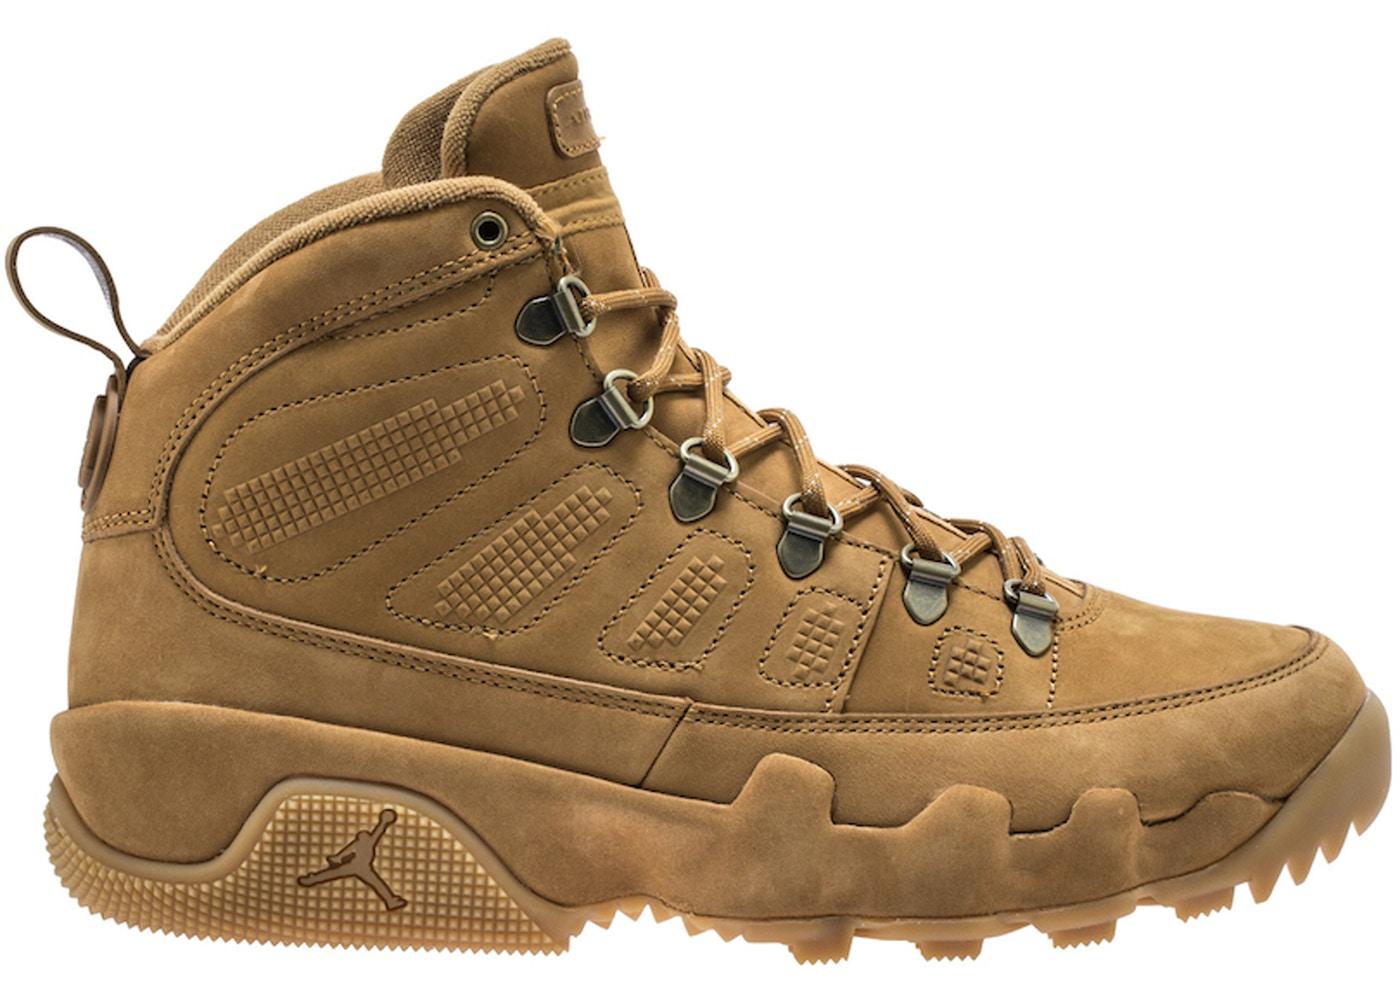 on sale 78987 b5fed Buy Air Jordan 9 Shoes & Deadstock Sneakers